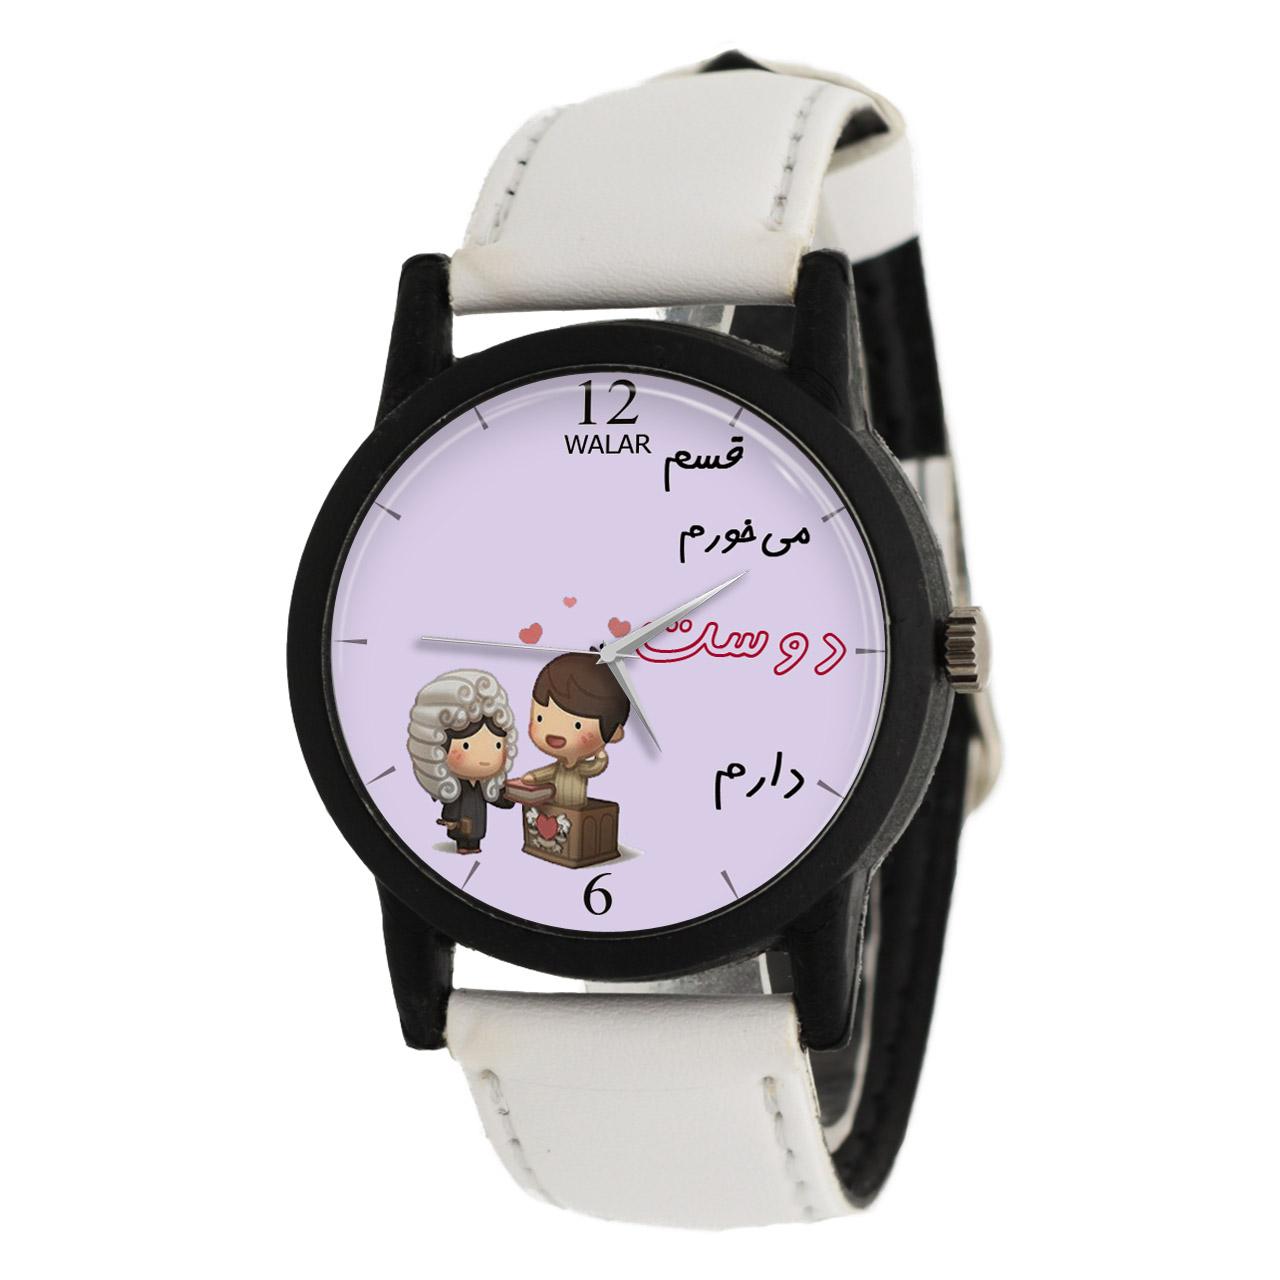 ساعت مچی عقربه ای زنانه والار مدل LF1482 13